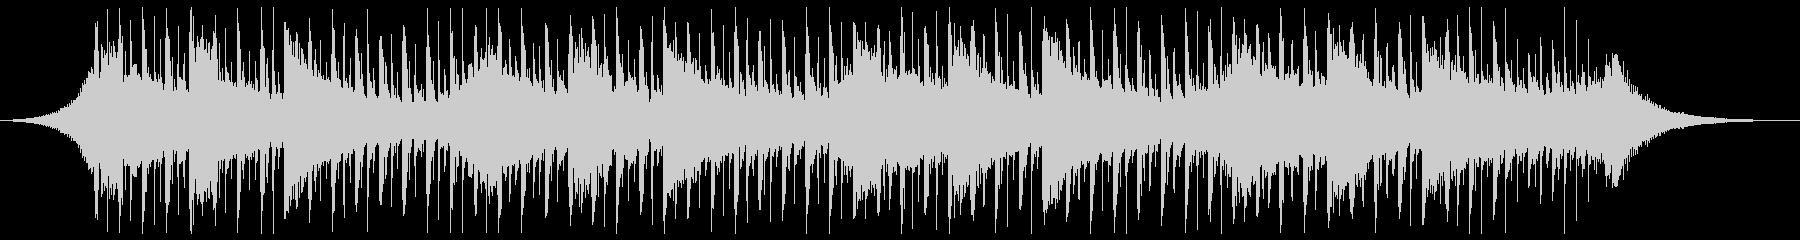 説明(40秒)の未再生の波形